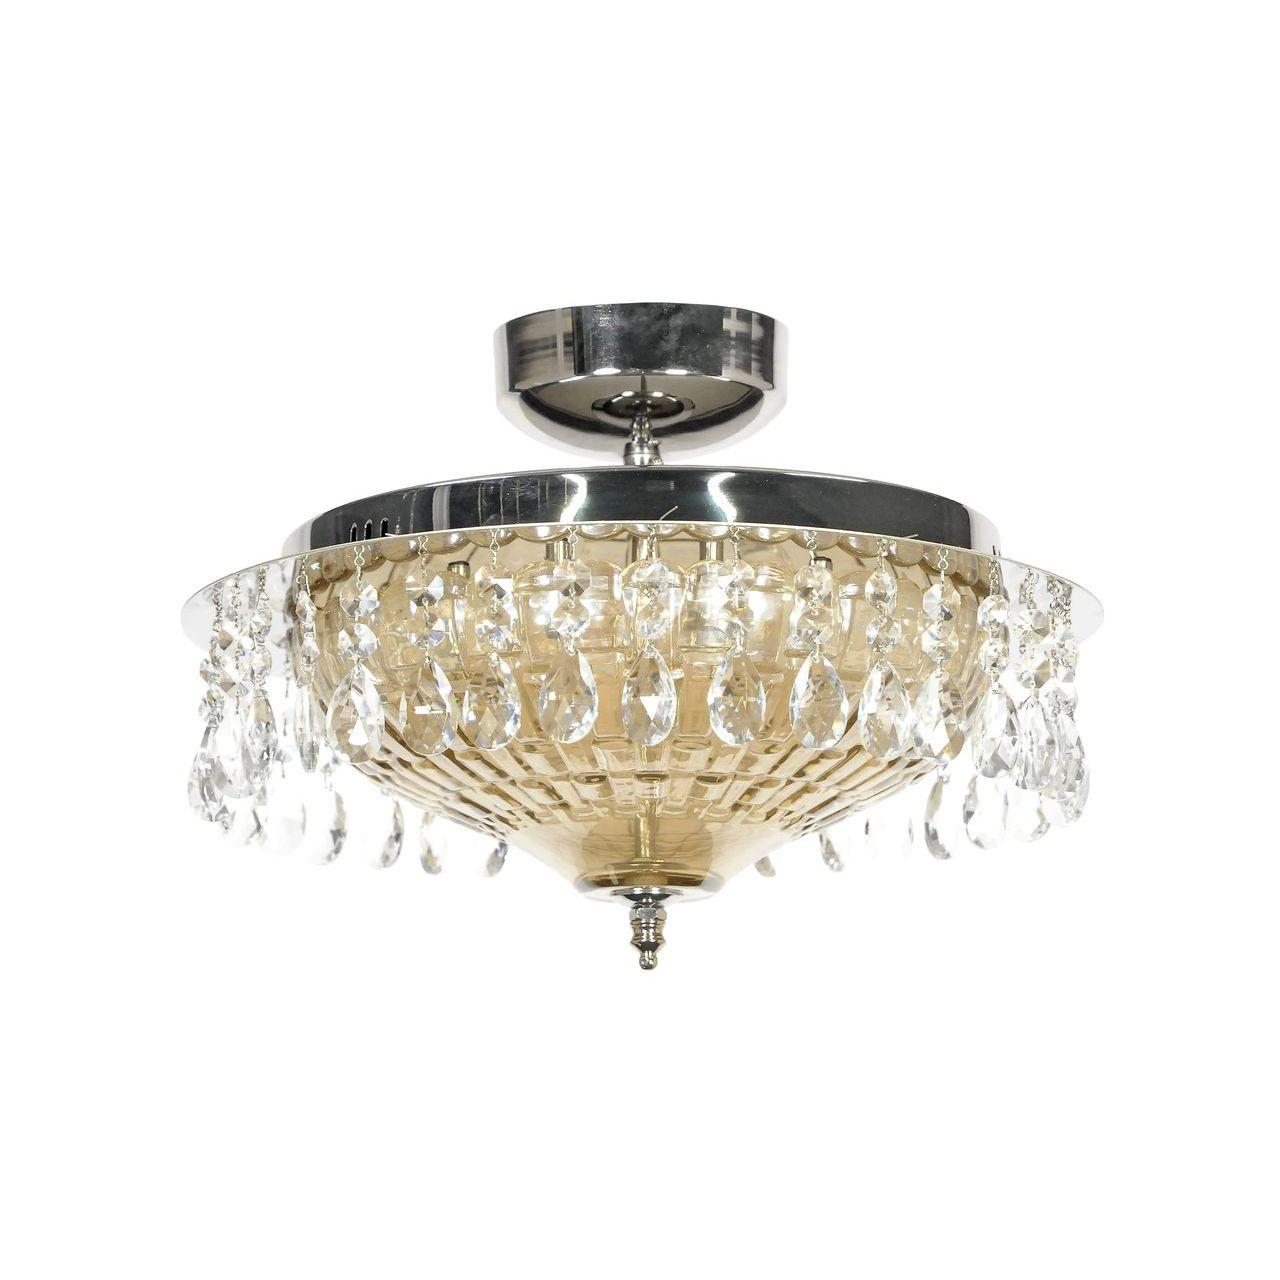 Потолочный светильник Lucia Tucci Eva 1631.8 Silver потолочный светодиодный светильник lucia tucci grappolo 1801 6 silver